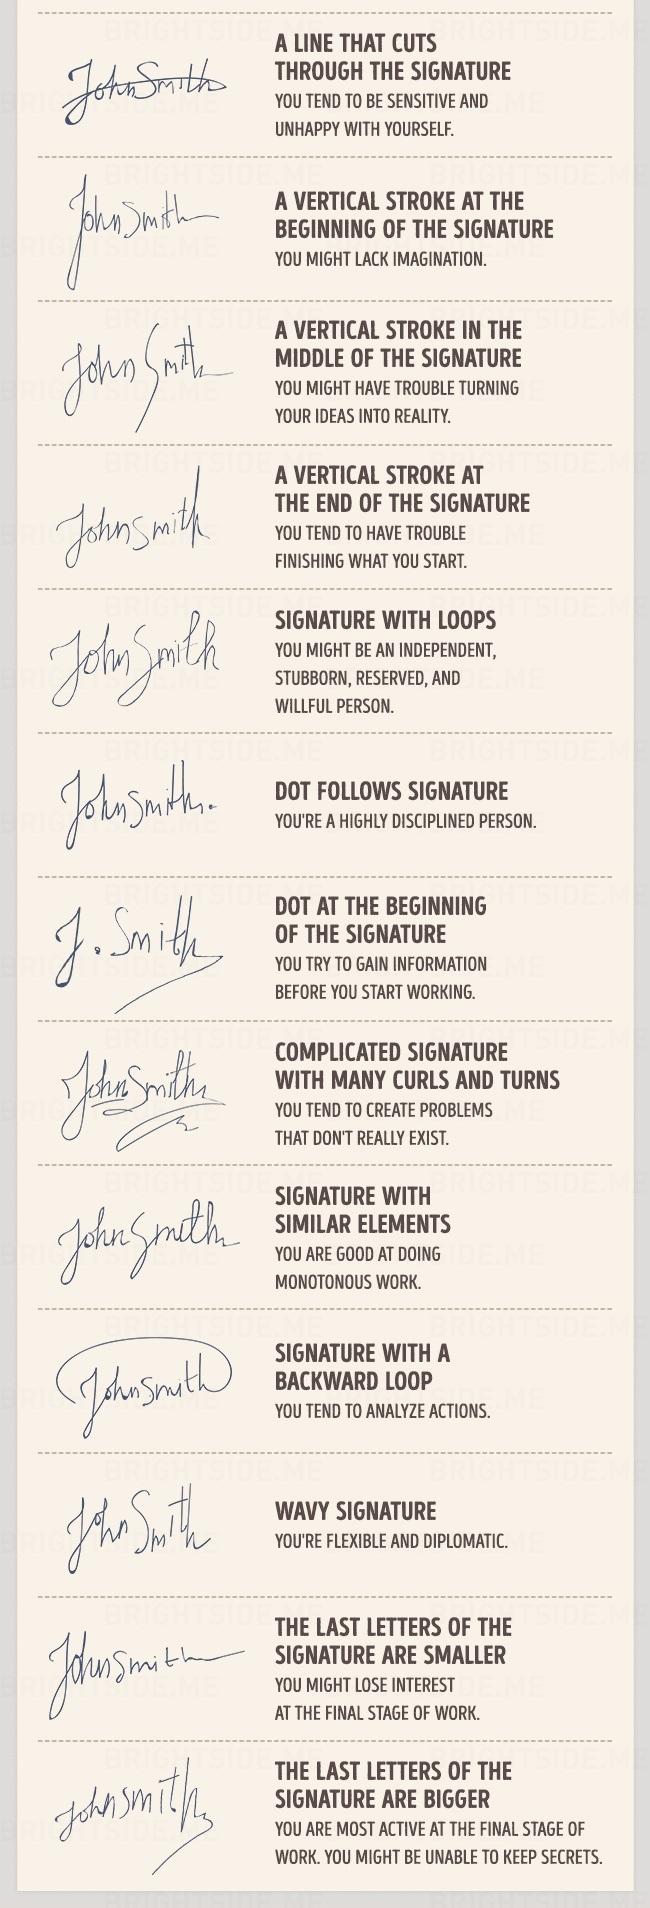 (3) Како да откриете нечиј карактер според нивниот потпис?